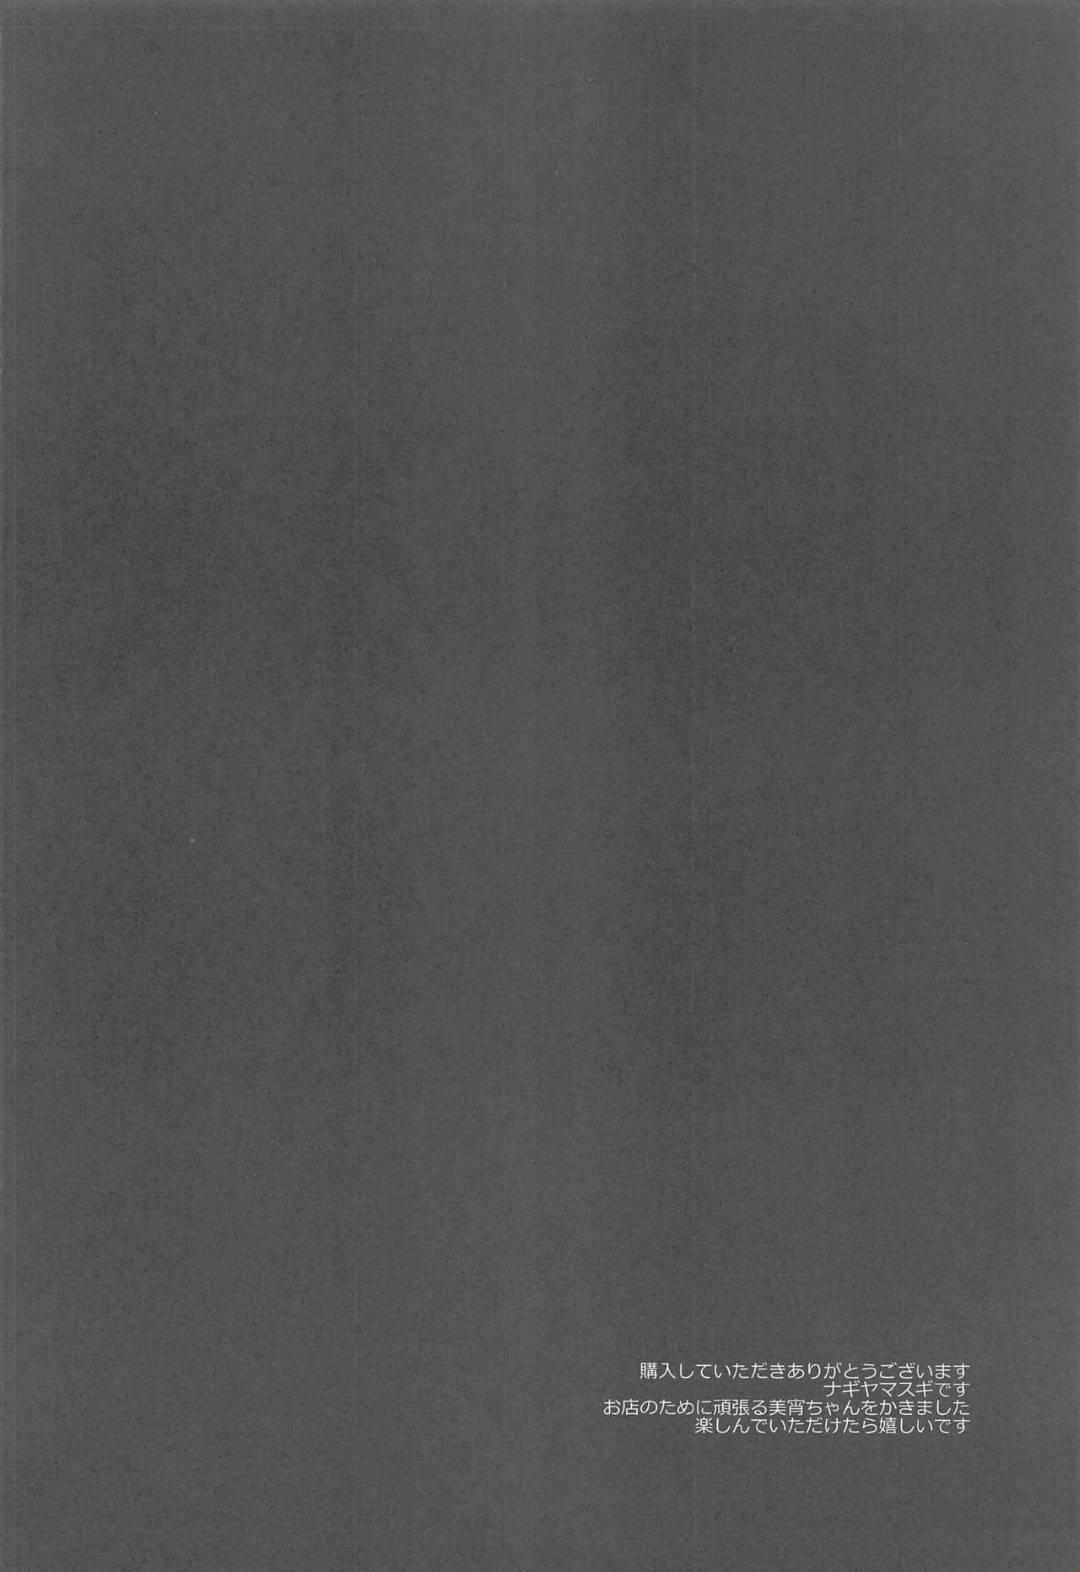 【エロ同人誌】閉店間際に男性客2人組を好意で入れた看板娘の美宵…談笑しながらお尻を触る客に注意するが来店の言葉をチラつかせられ我慢して言いなりになってしまう!【ナギヤマスギ (那岐山):東方陵辱48美宵/東方Project】